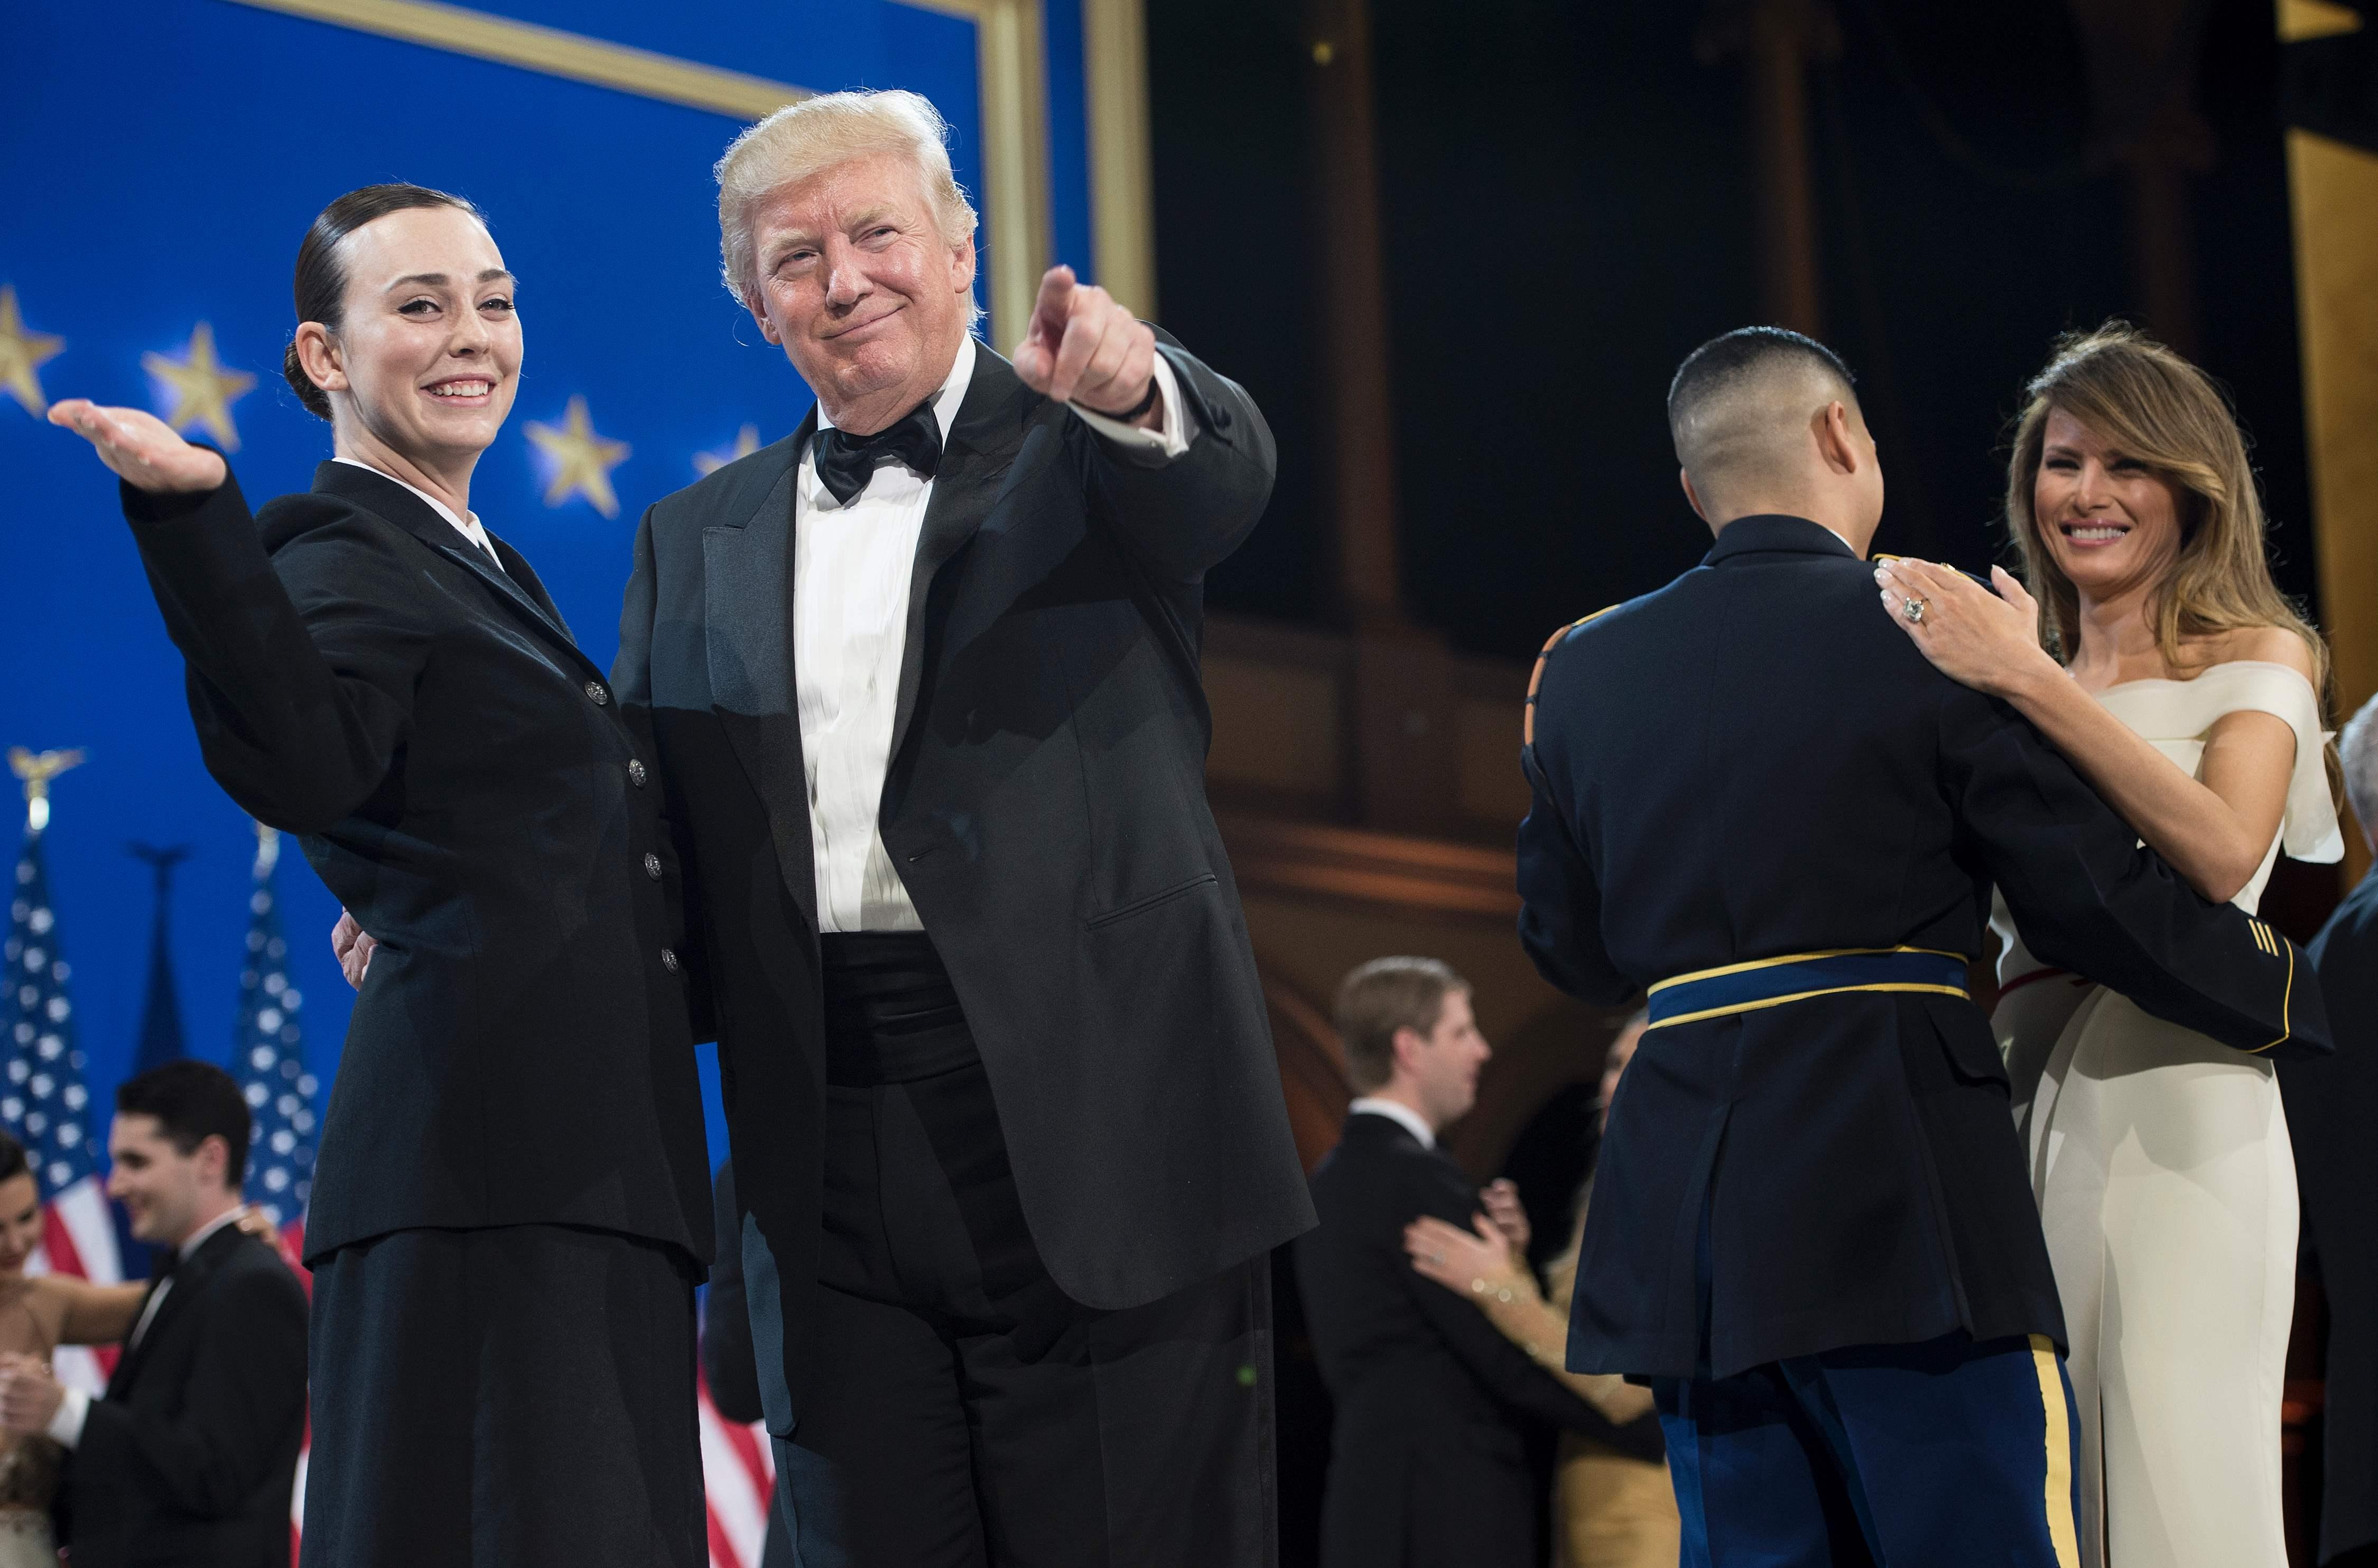 ترامب يداعب الحضور برفقة إحدى الضابطات